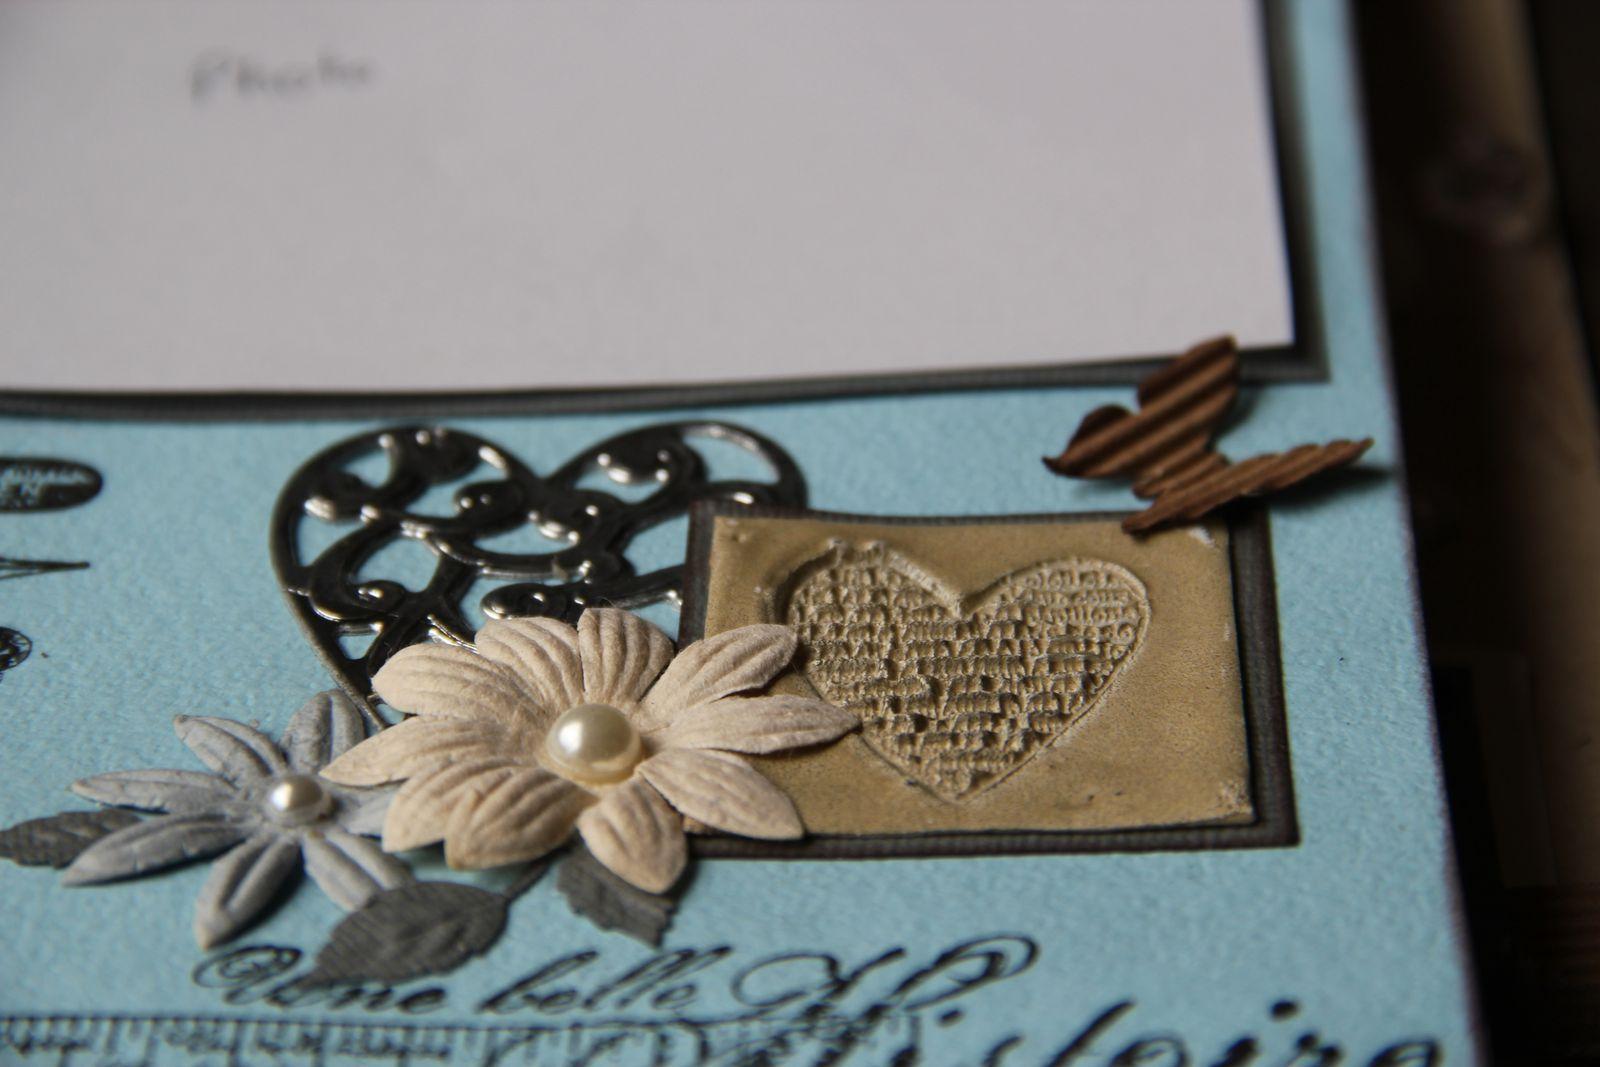 Sous les fleurs de papier : coeur en faux métal et à droite coeur fait selon la technique du sceau : j'adore !!